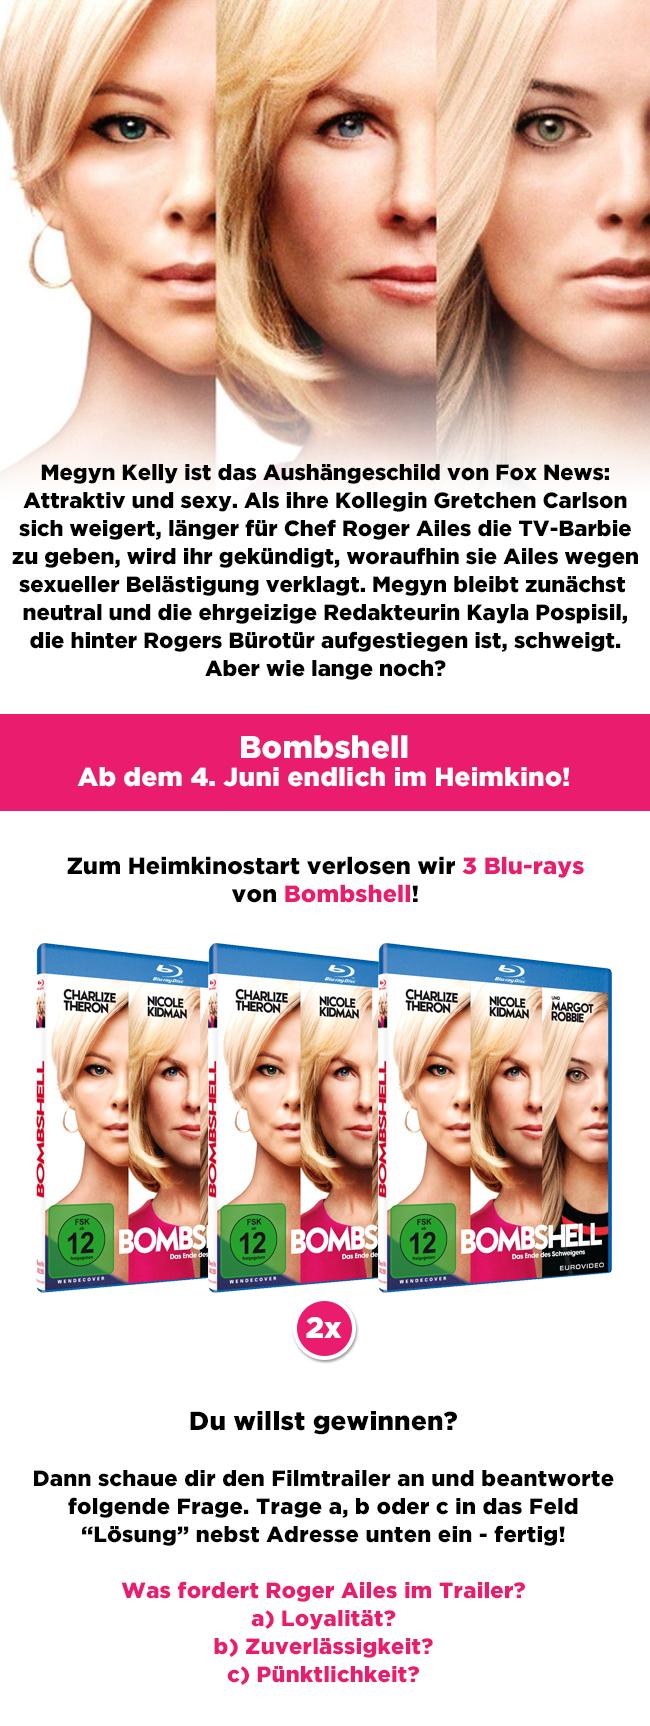 """Bild 1:Gewinne eine Blu-ray von """"Bombshell"""" zum Heimkinostart!"""